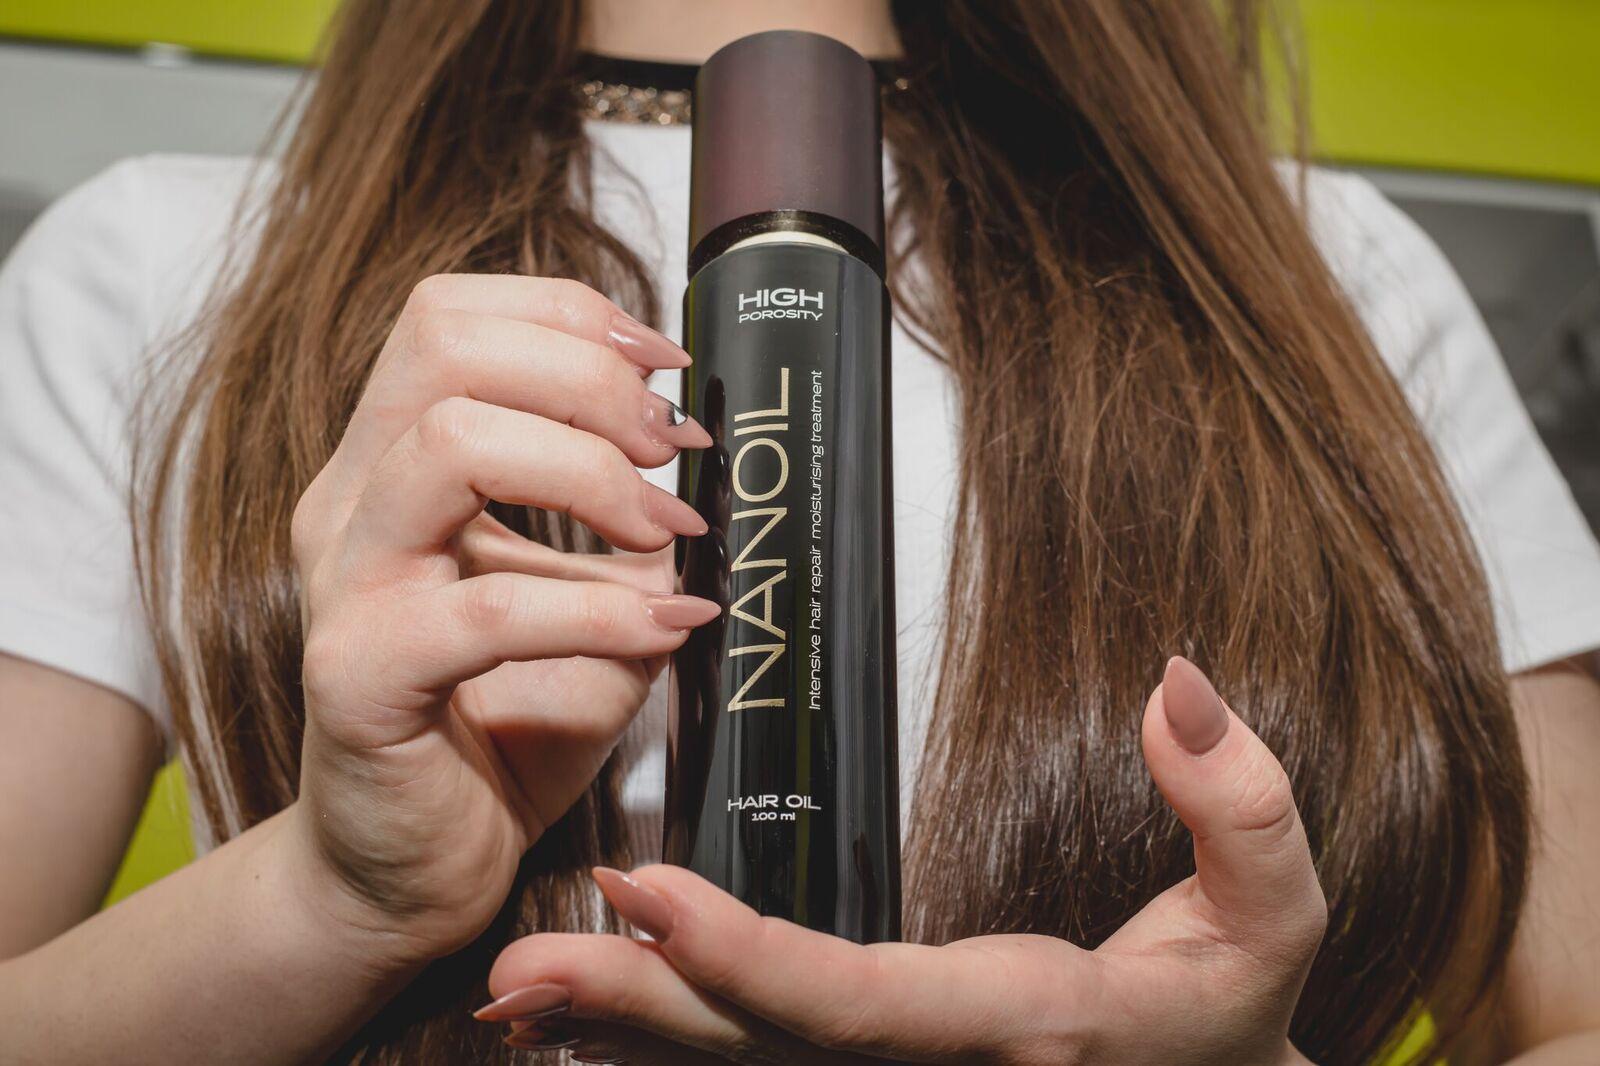 Odkrycie! Olejek Nanoil na zniszczone włosy [recenzja]